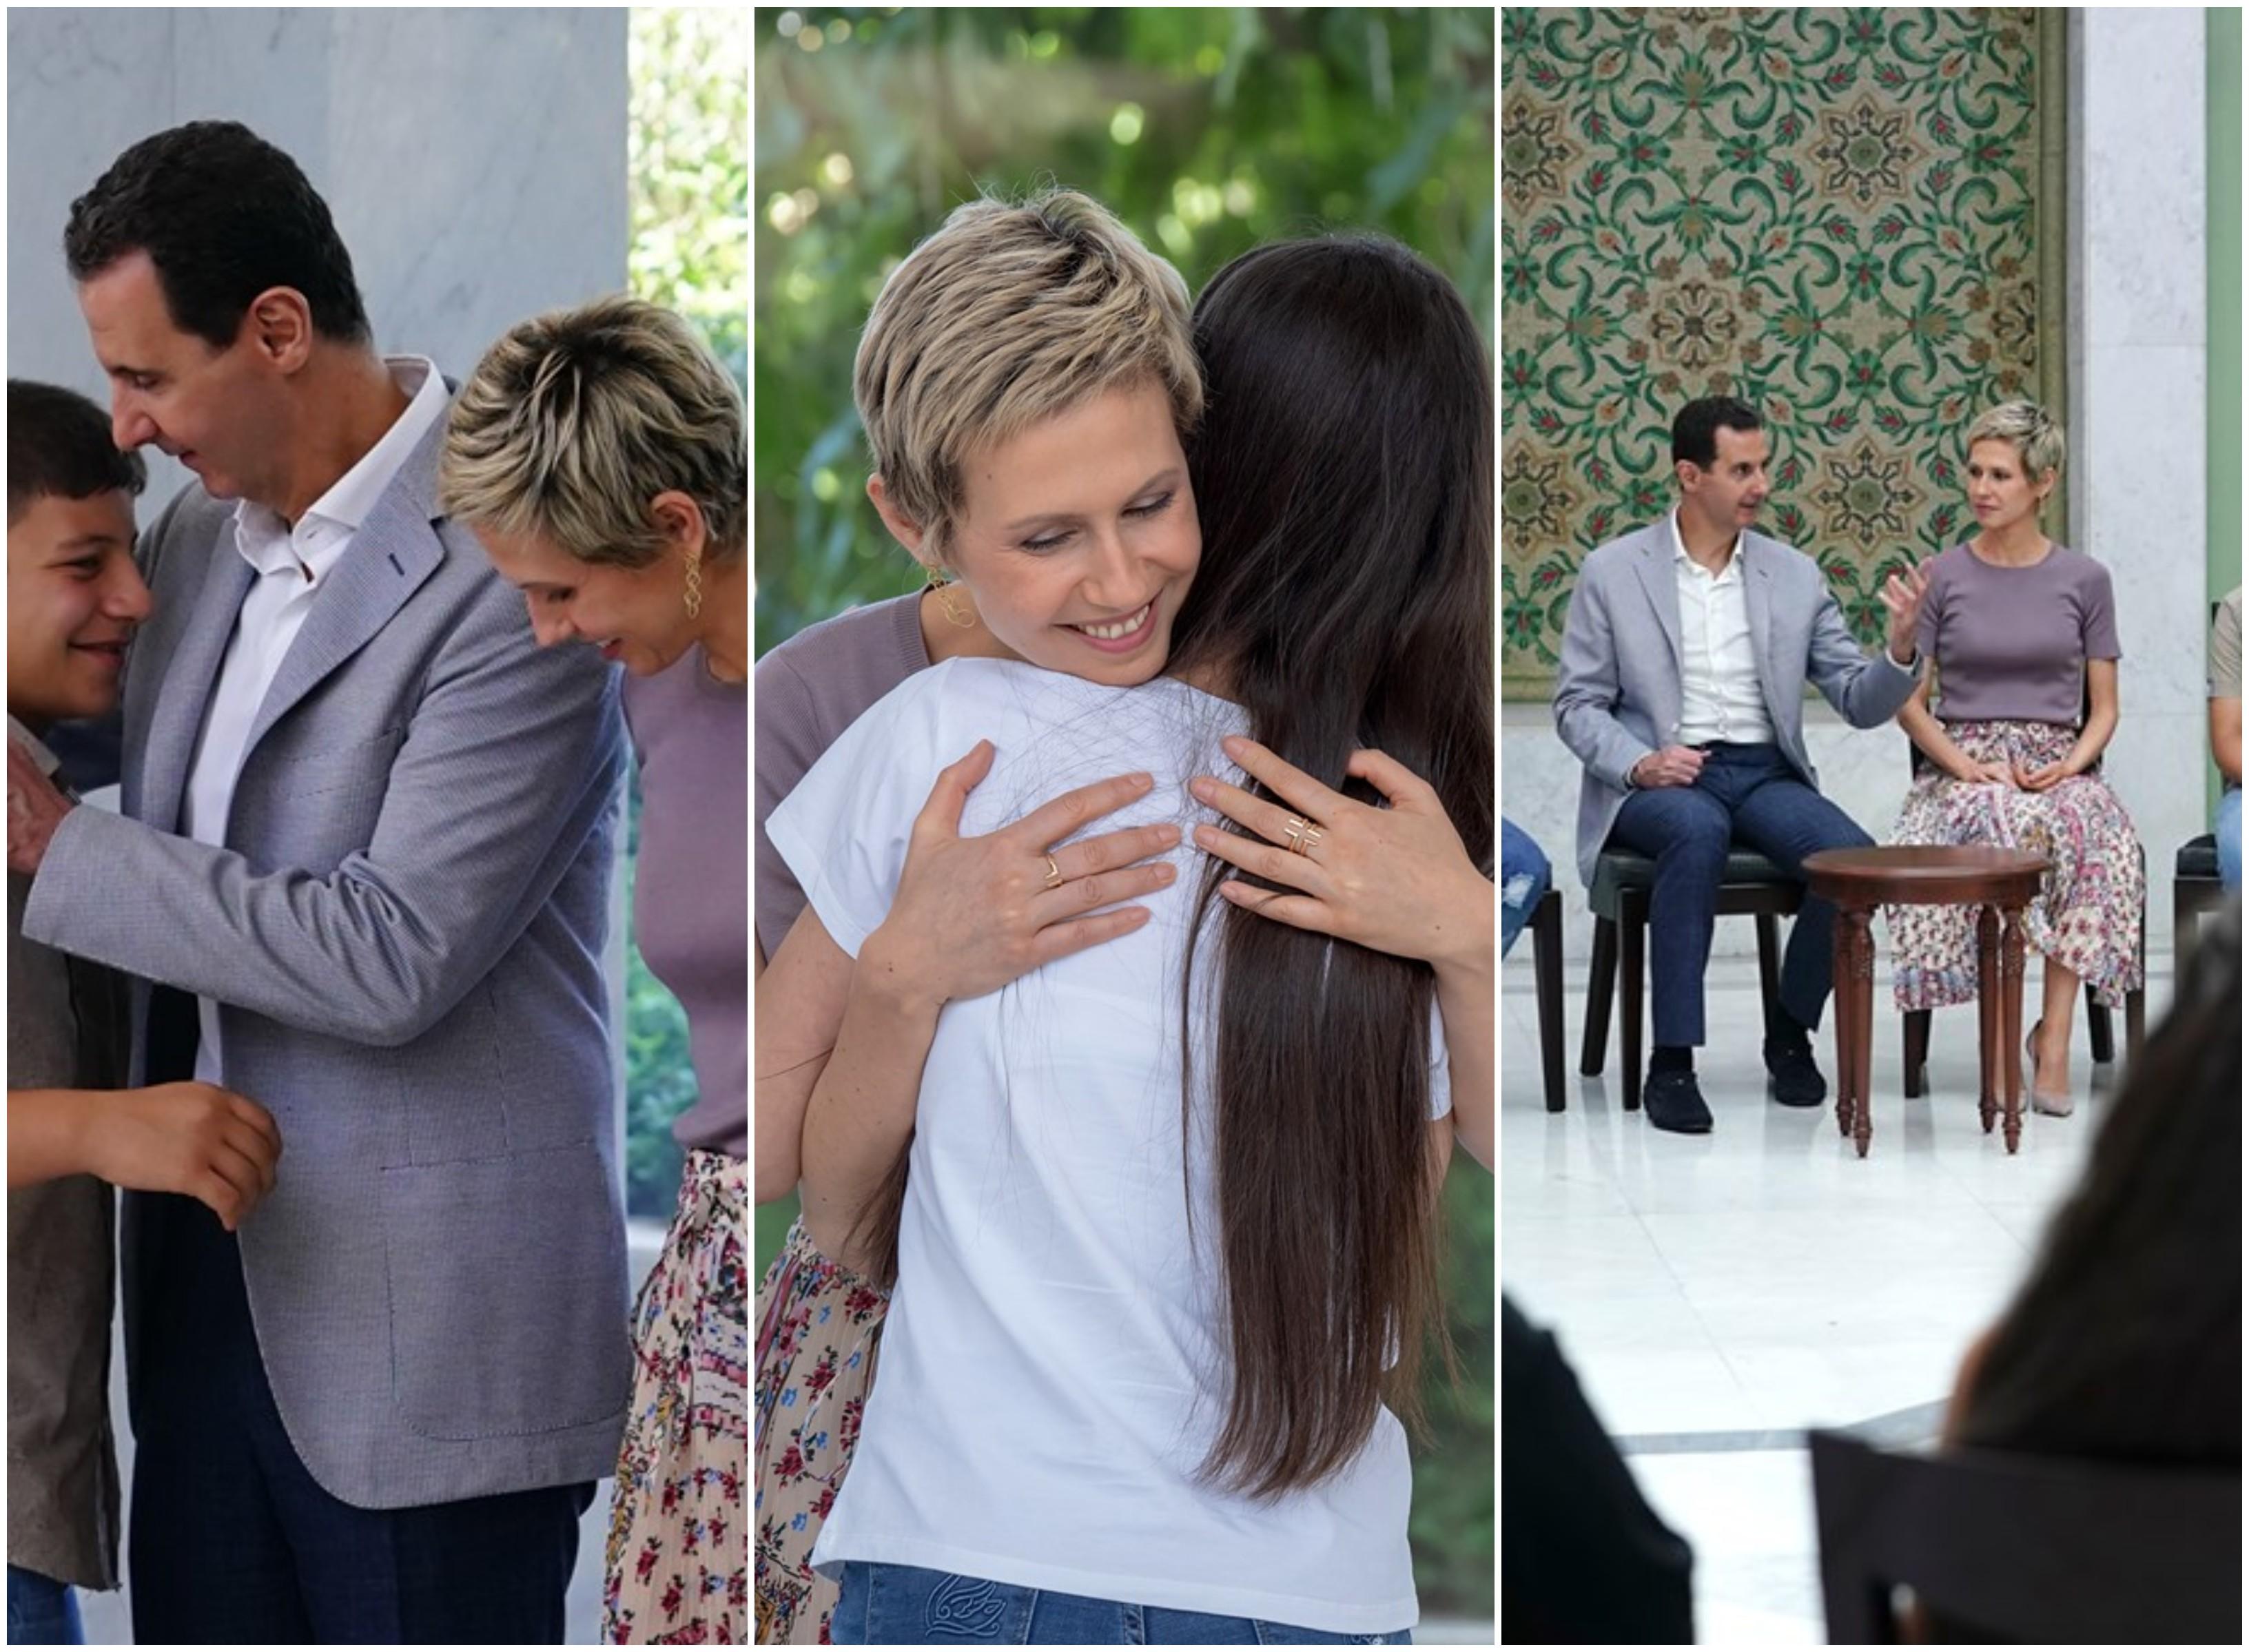 بالصور/ أول ظهور للسيدة أسماء الأسد إلى جانب الرئيس السوري بعد شفائها من السرطان